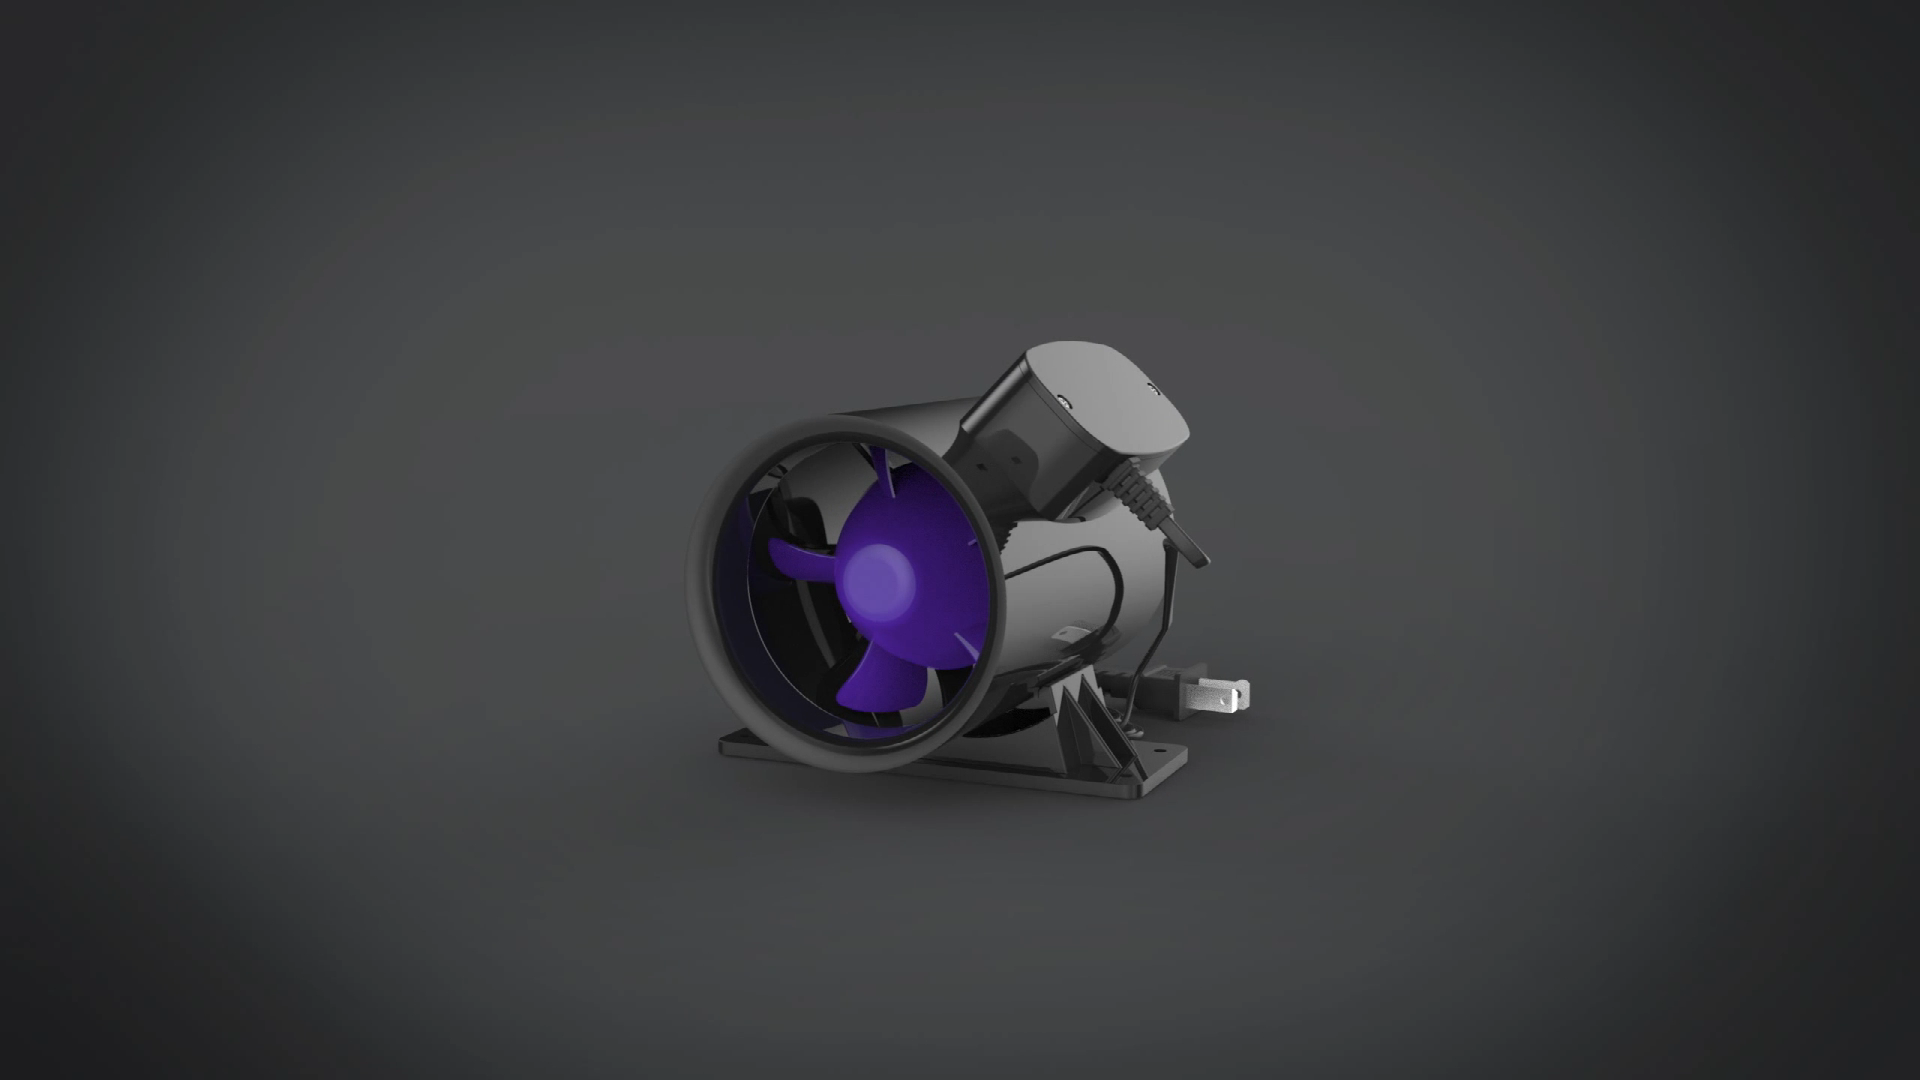 환기 작은 강력한 플라스틱 블레이드 벤트 150mm 230V 120V 배기 Ventila 토르 원심 덕트 추출 정원 팬